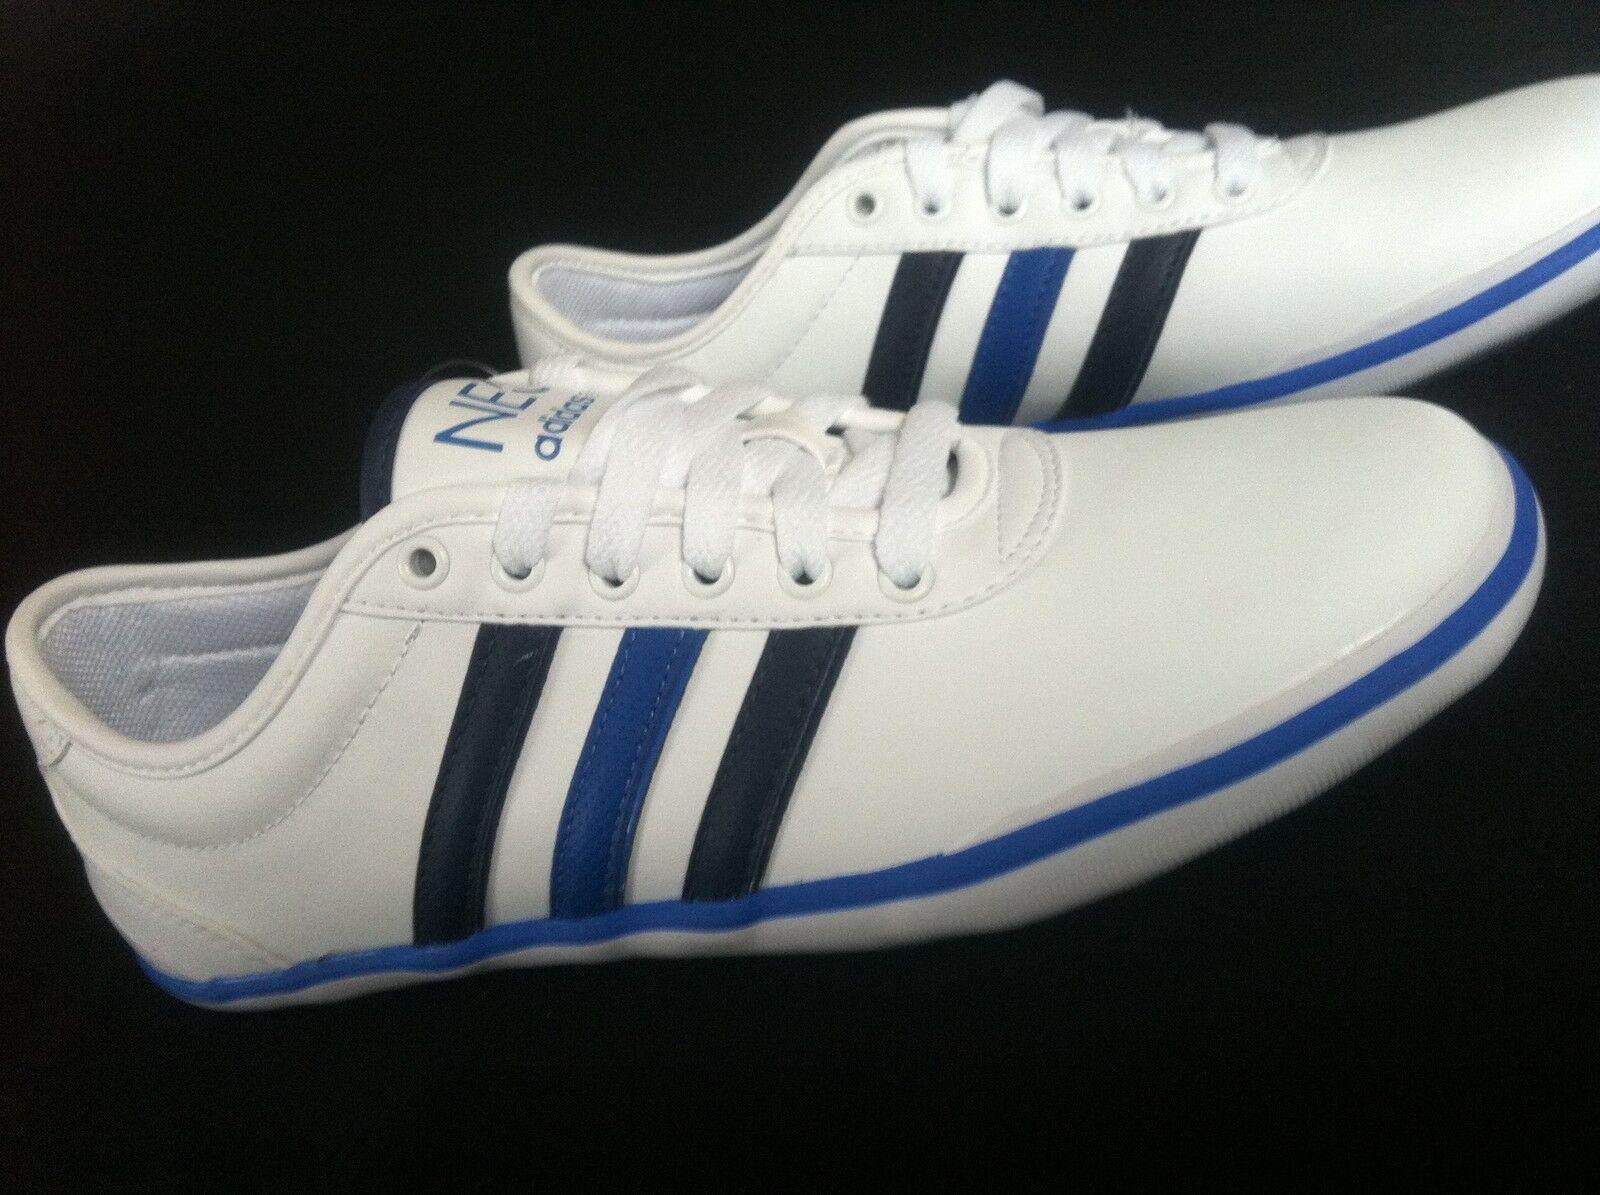 Hammer adidas Zapatillas Weiss corre zapatos elegantes cuero calzado deportivo talla 42 2/3